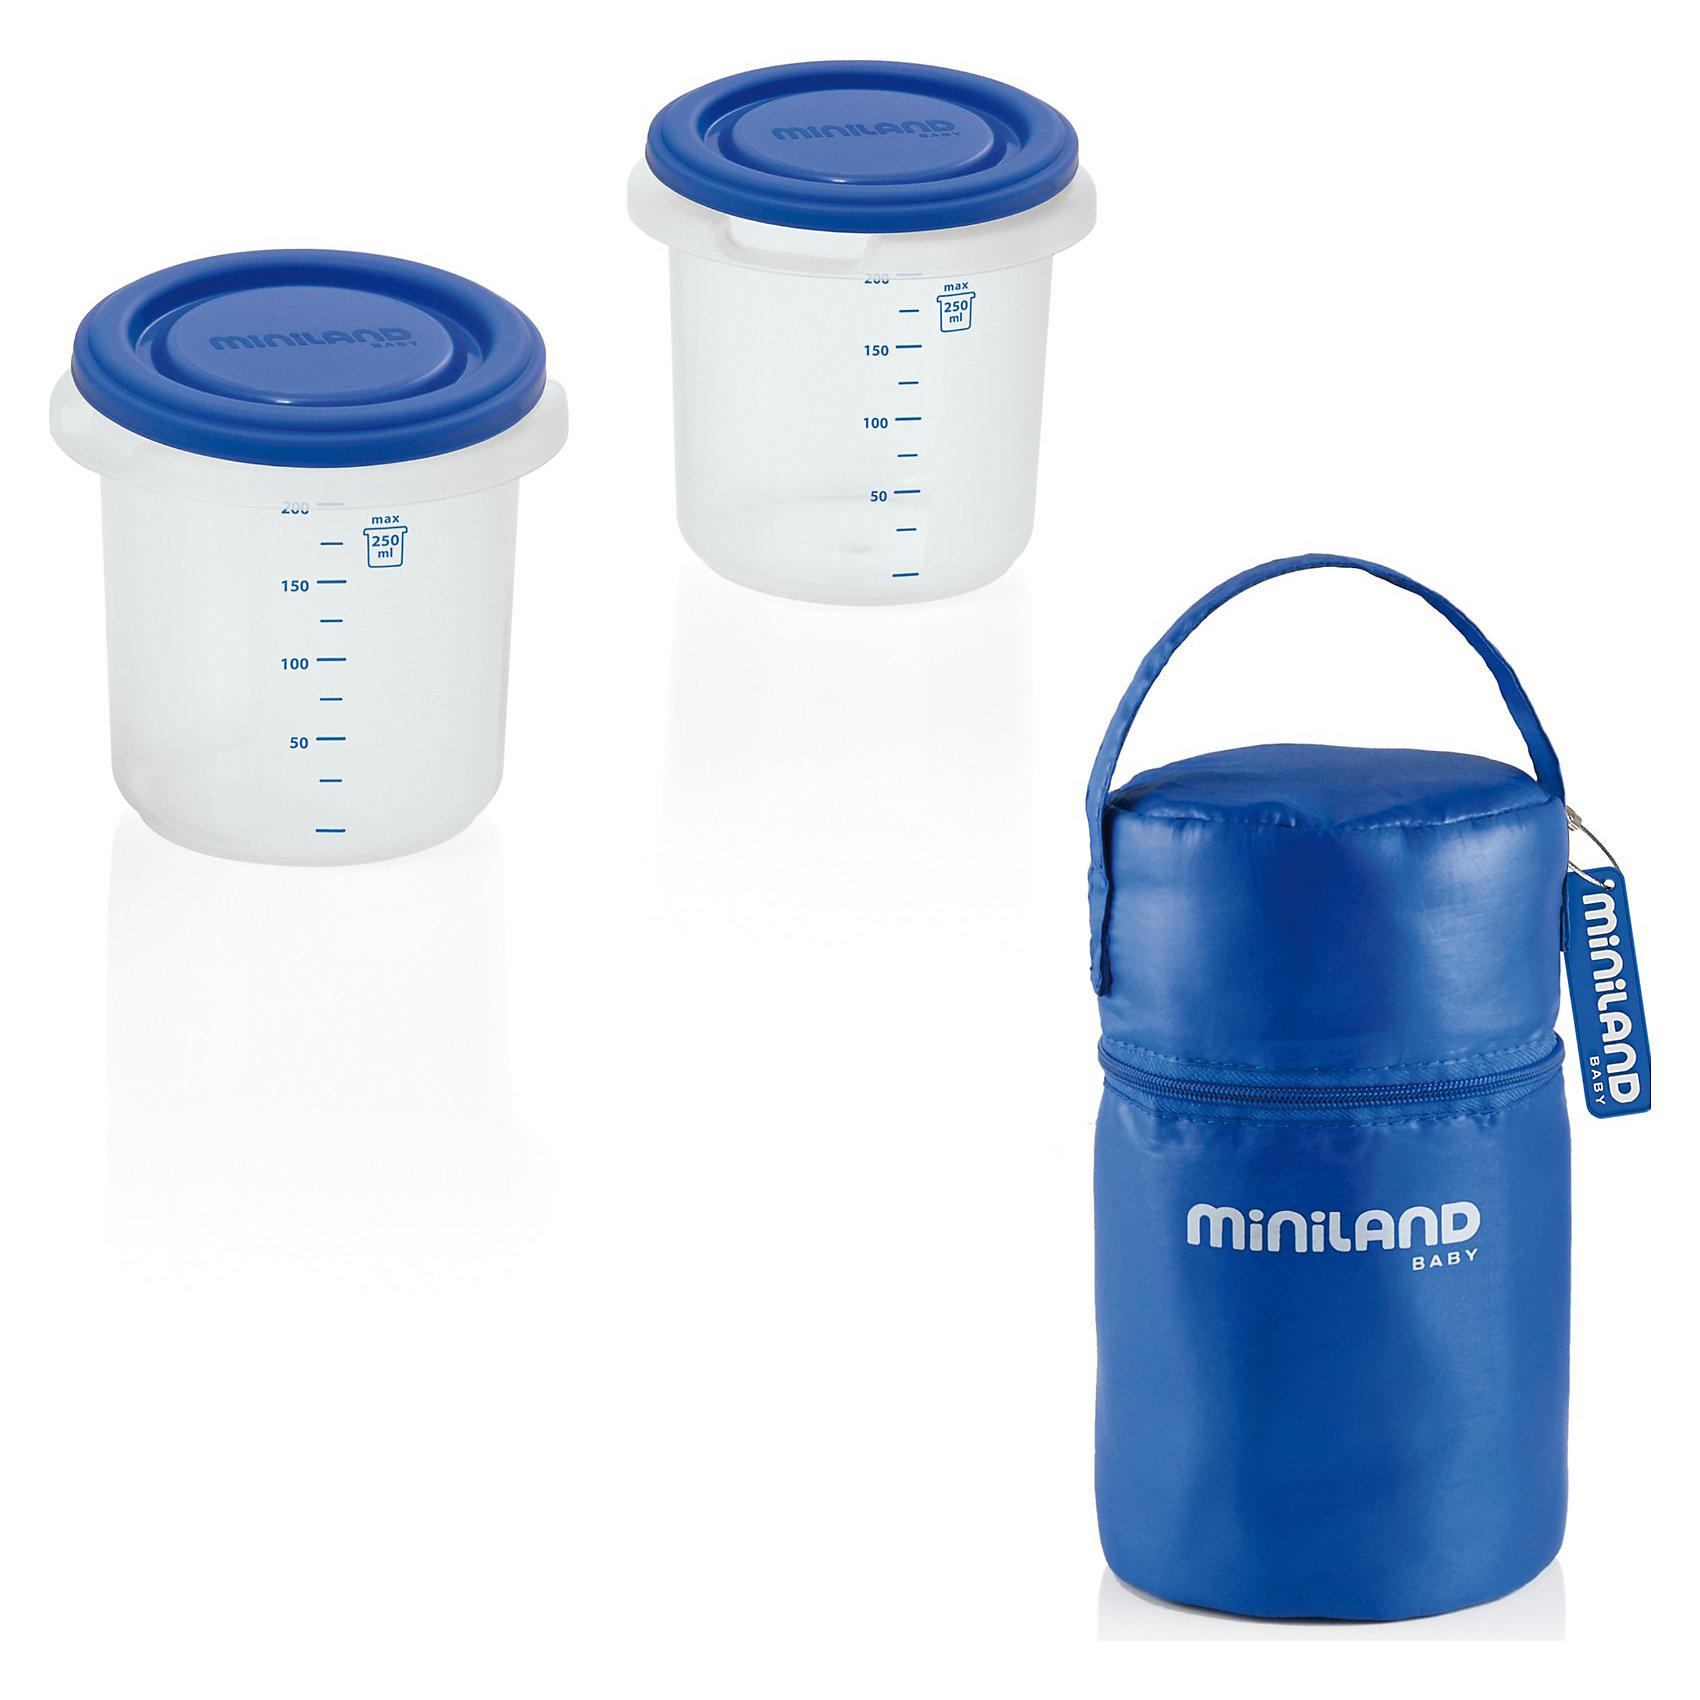 Термосумка с 2-мя мерными стаканчиками, HERMISIZED, синийУдобная и практичная Термосумка Pack-2-go Hermisized поможет Вам накормить малыша во время прогулок и путешествий в любом месте. Сумка изготовлена плотного термоматериала, который помогает поддерживать нужную температуру пищи в течение длительного периода времени. Внутри сумки 2 герметичных мерных контейнера в форме стаканов, которые отлично подойдут для хранения детского питания, пюре и каш. Шкала на стенках позволяет легко дозировать питание. Контейнеры можно извлечь из сумки и замораживать в холодильнике, разогревать в микроволновой печи и мыть в посудомоечной машине.<br><br>Сумка застегивается на молнию, имеются большой карман, удобная ручка для транспортировки и липучки для крепления к коляске или сумке.  <br><br>Дополнительная информация:<br><br>- В комплекте: термосумка и 2 мерных стаканчика.<br>- Цвет: синий.<br>- Материал: плотный термоматериал, пластик.<br>- Размер сумки: 10 х 10 х 15 см.<br>- Размер контейнера: 8,5 х 8,5 х 8,5 см.<br>- Вес: 0,38 кг.<br><br>Термосумку с 2 мерными стаканчиками Pack-2-go Hermisized можно купить в нашем интернет-магазине.<br><br>Ширина мм: 208<br>Глубина мм: 103<br>Высота мм: 104<br>Вес г: 167<br>Цвет: синий<br>Возраст от месяцев: 0<br>Возраст до месяцев: 36<br>Пол: Мужской<br>Возраст: Детский<br>SKU: 3288458